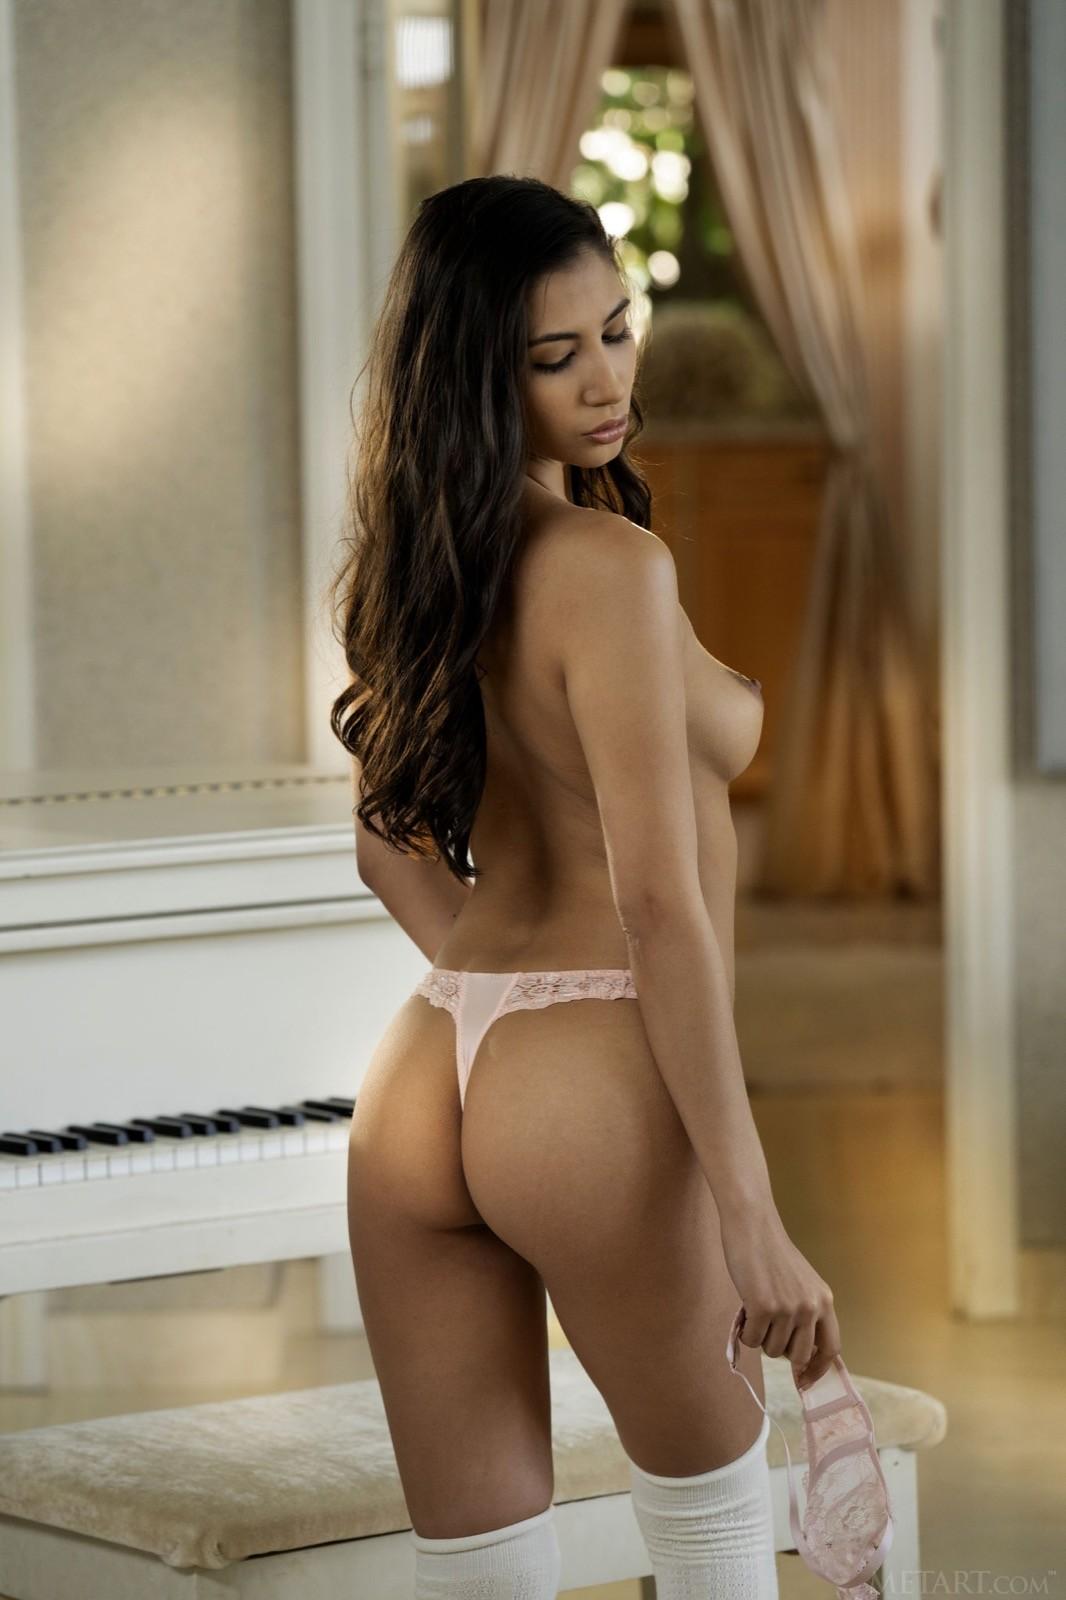 Красавица с сексуальной грудью в чулках и трусиках - фото